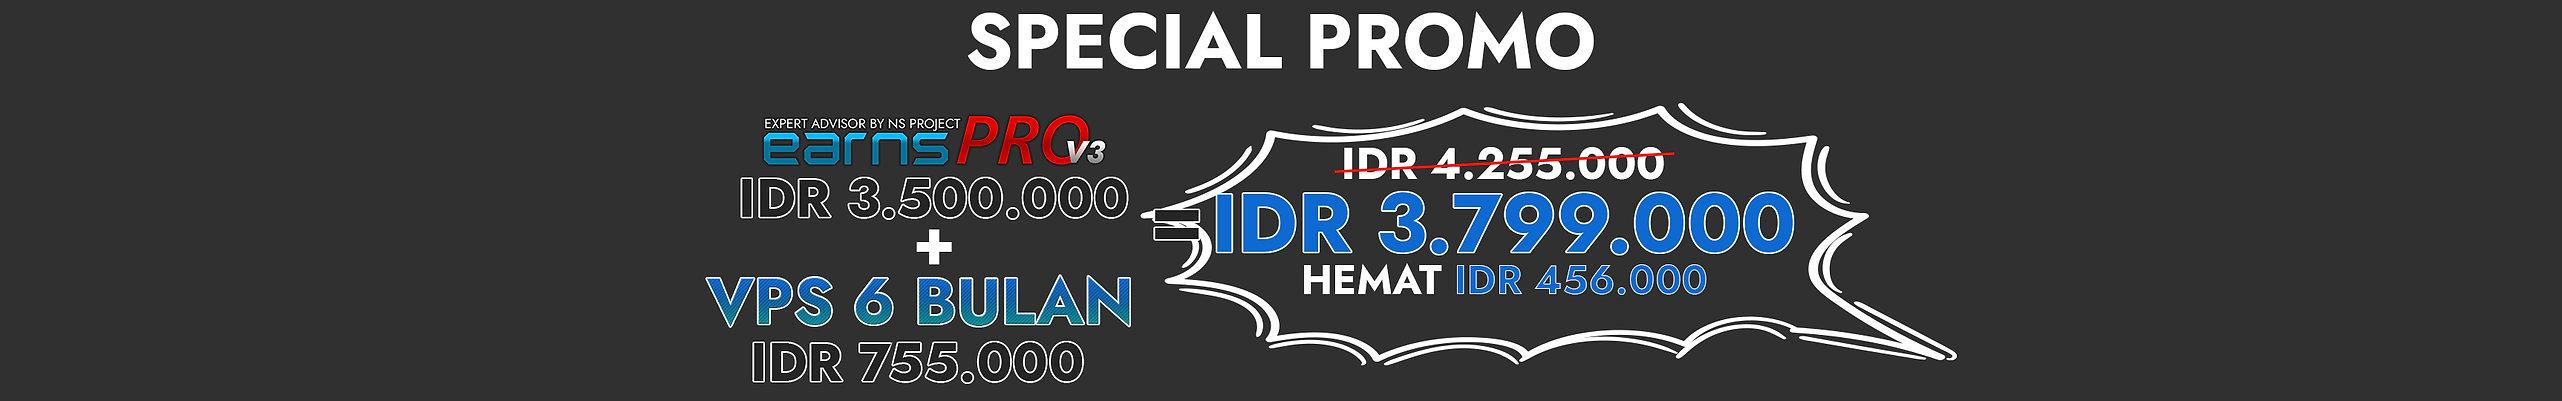 Special Promo earnsPRO blck3.jpg